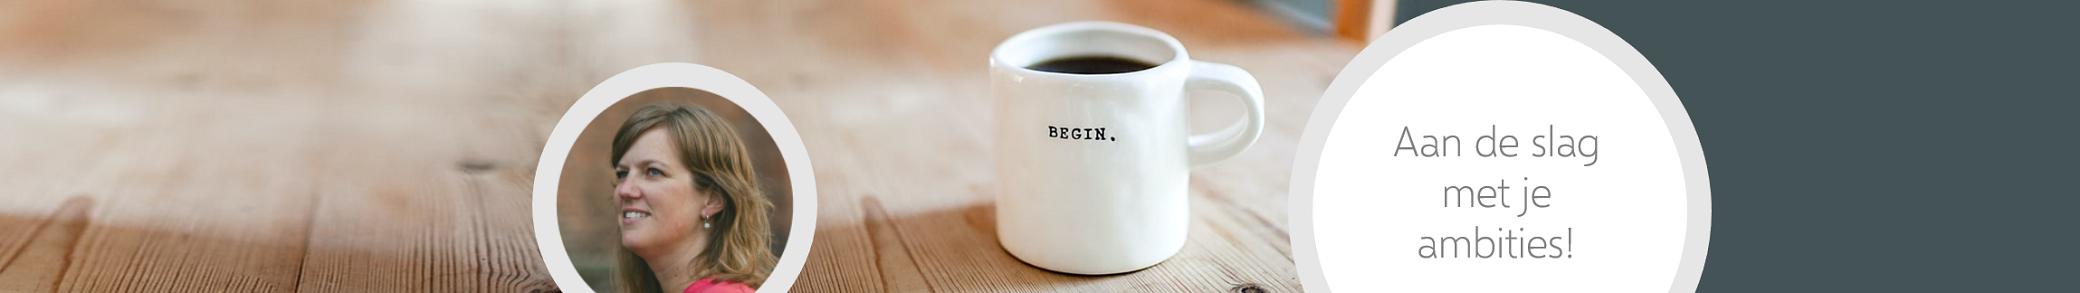 De header van de homepage met daarin de teksten 'Begin.' en 'Aan de slag met je ambities!'